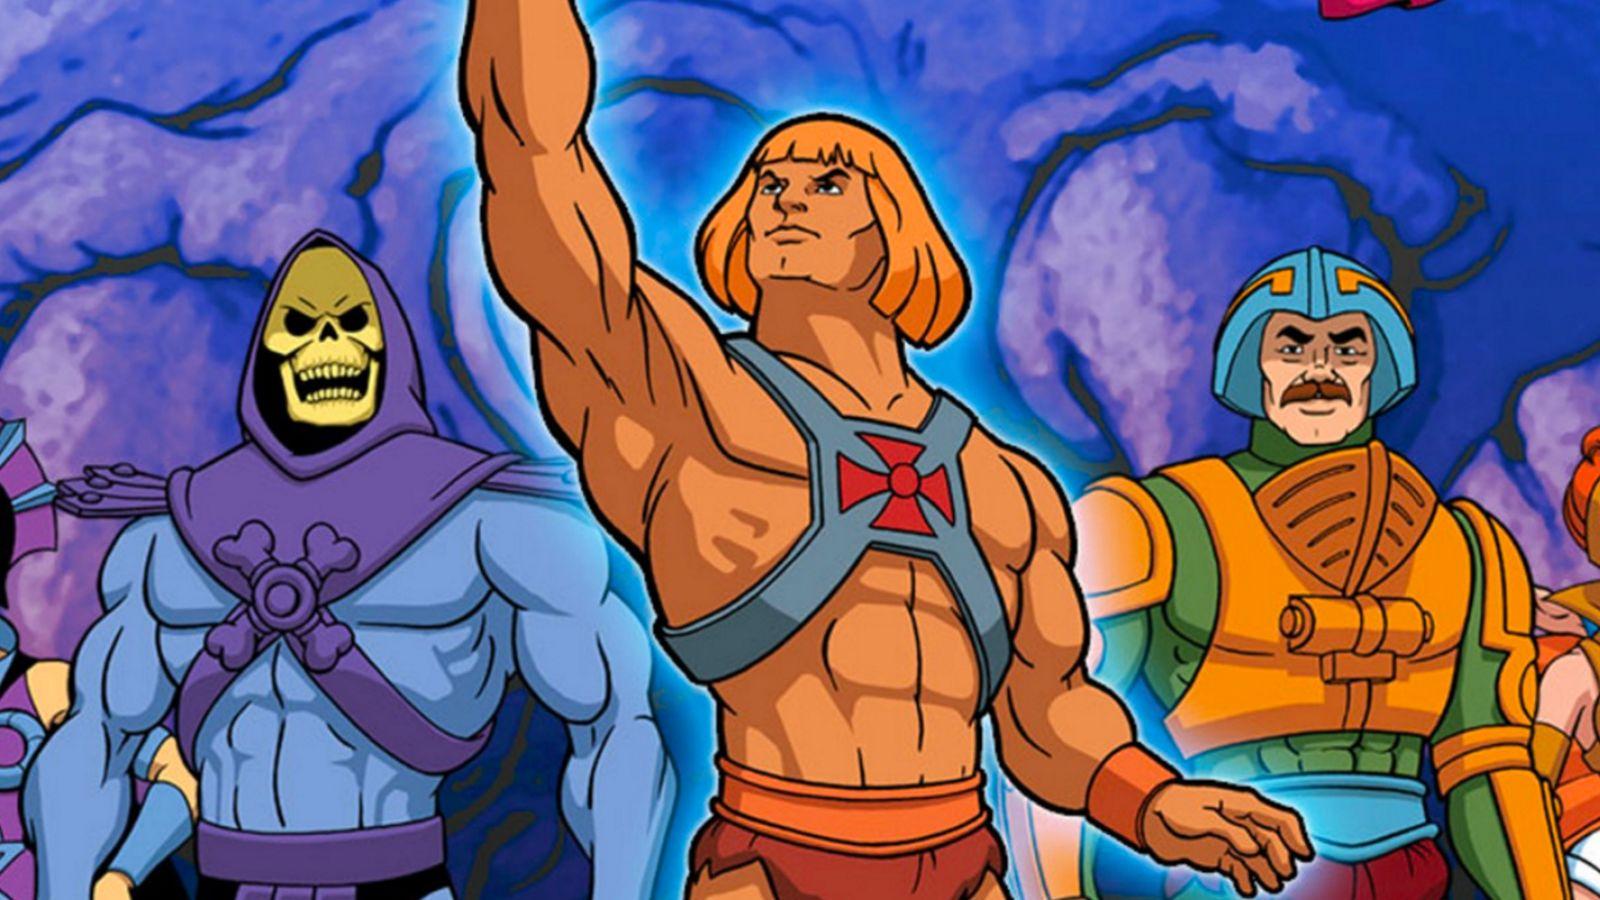 герои мультсериала о Хи-Мене